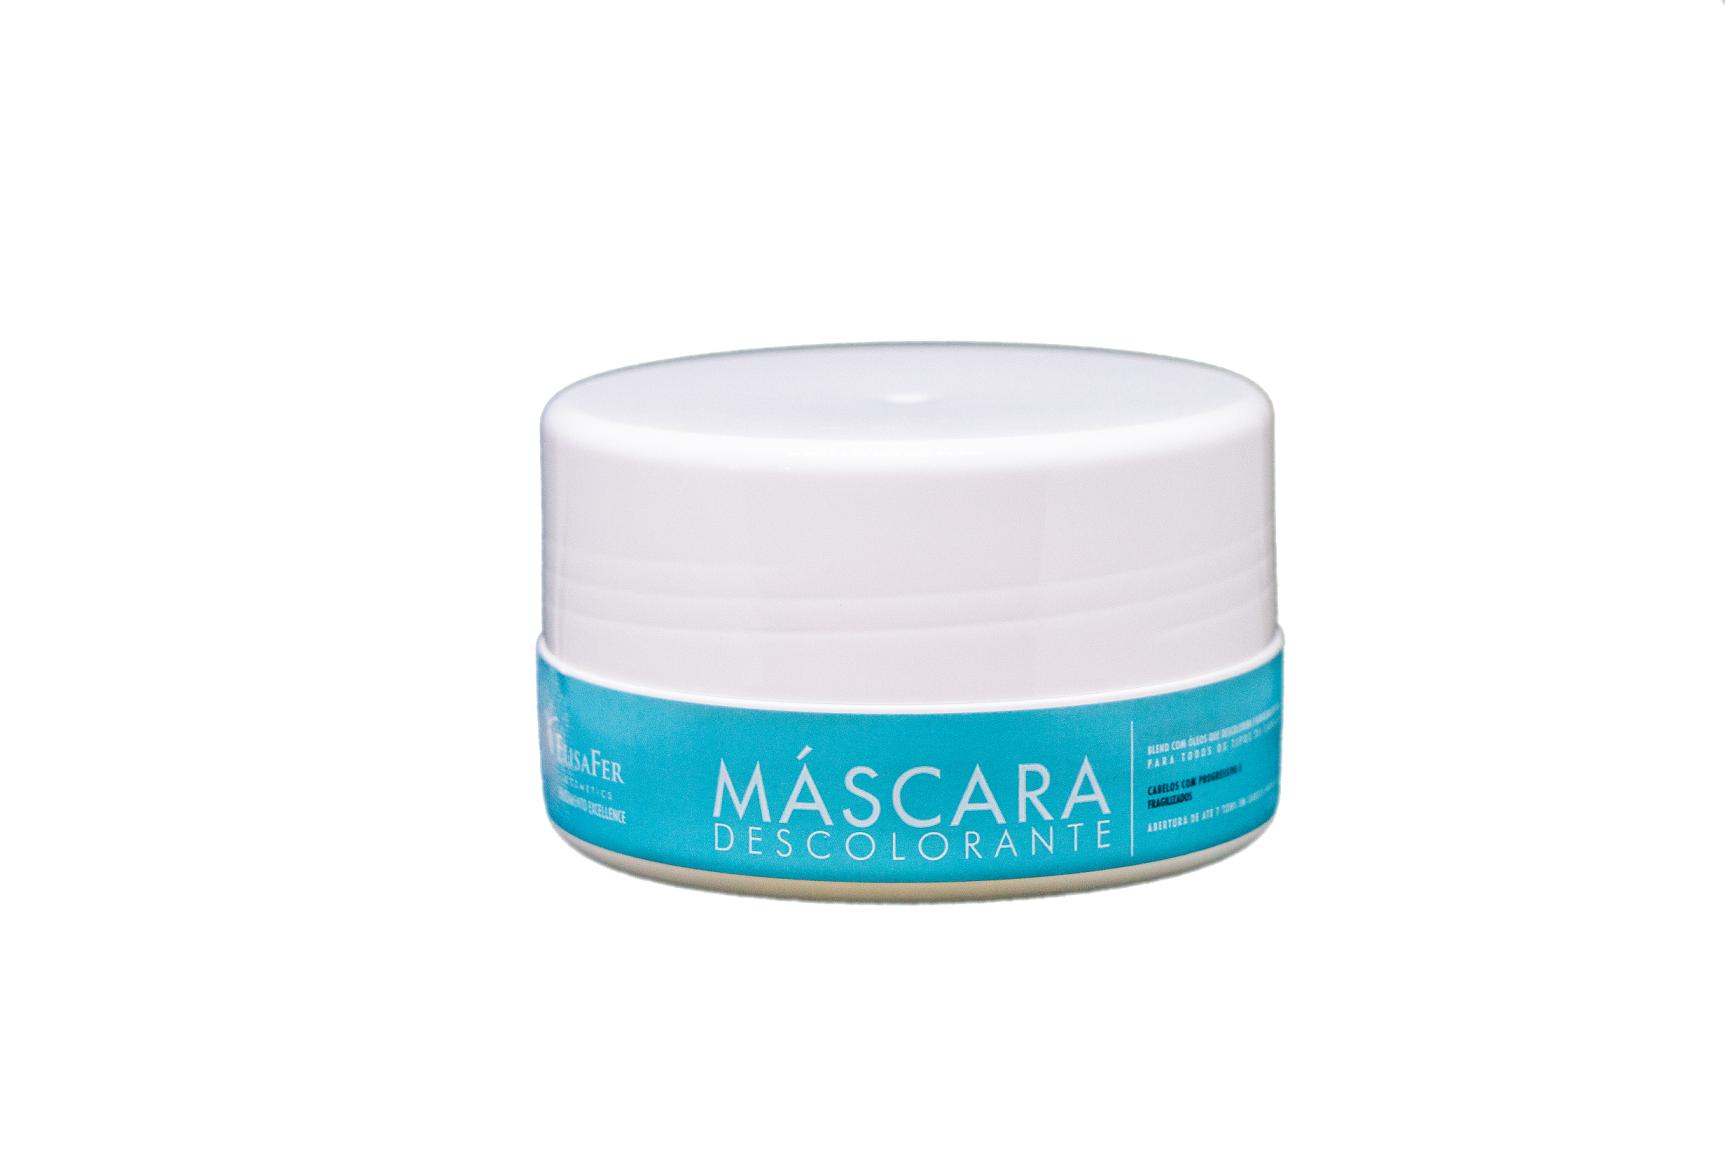 elisafer cosmetics mascara descolorante